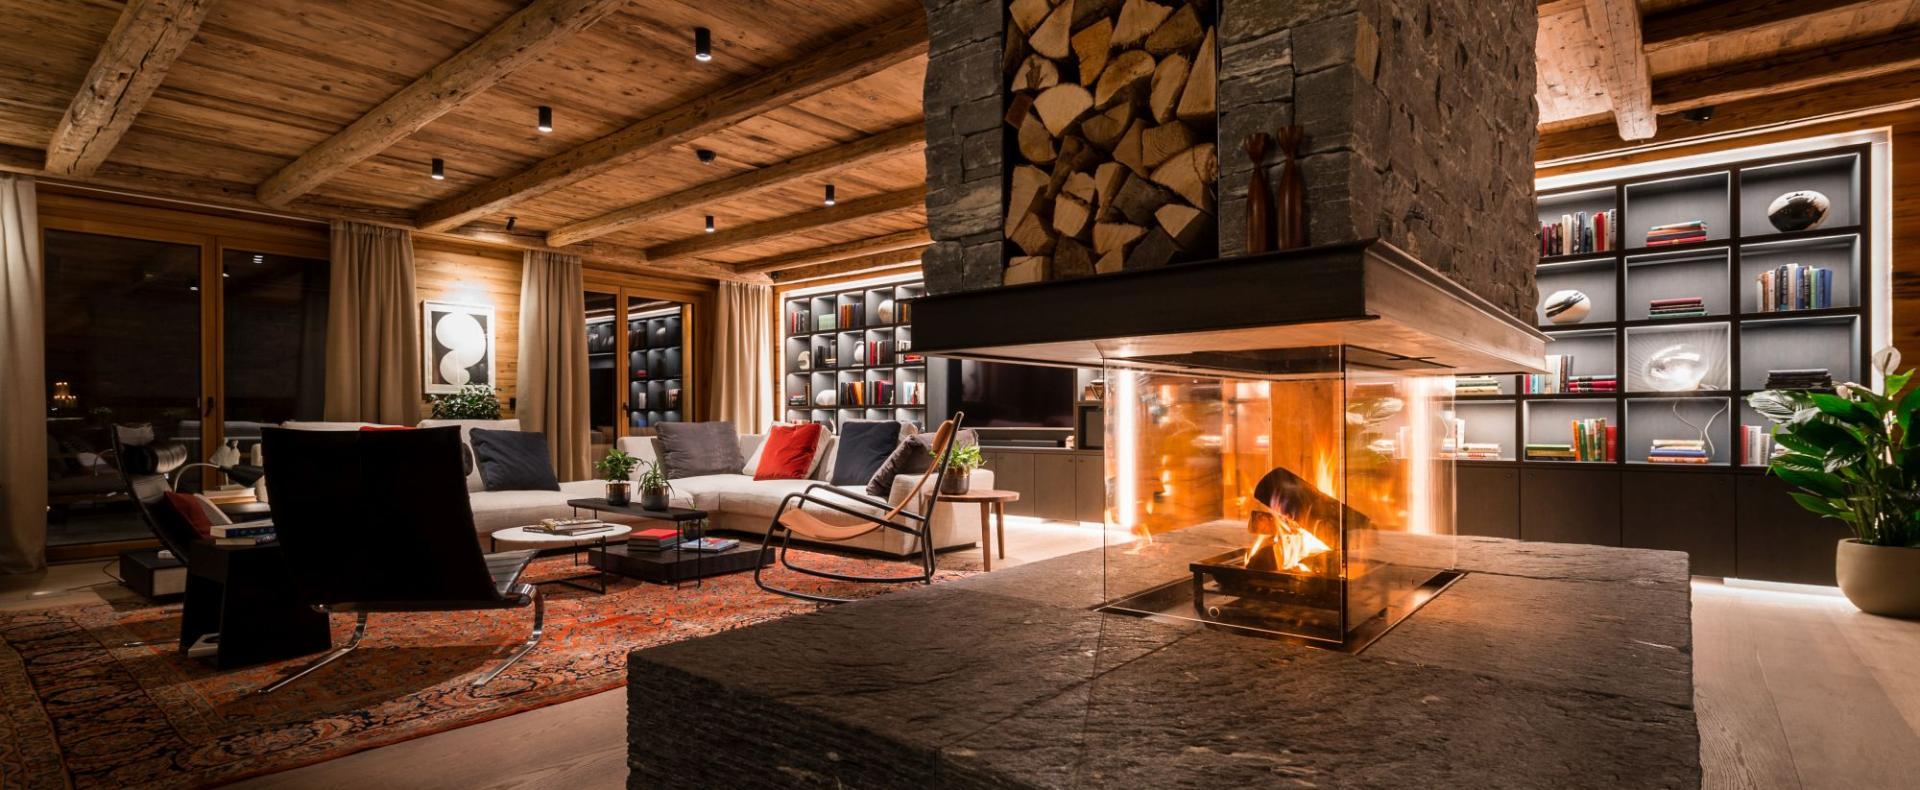 Open-Fire-Arula-Chalet-Lech-Ultimate-Luxury-Chalets-UltraVilla